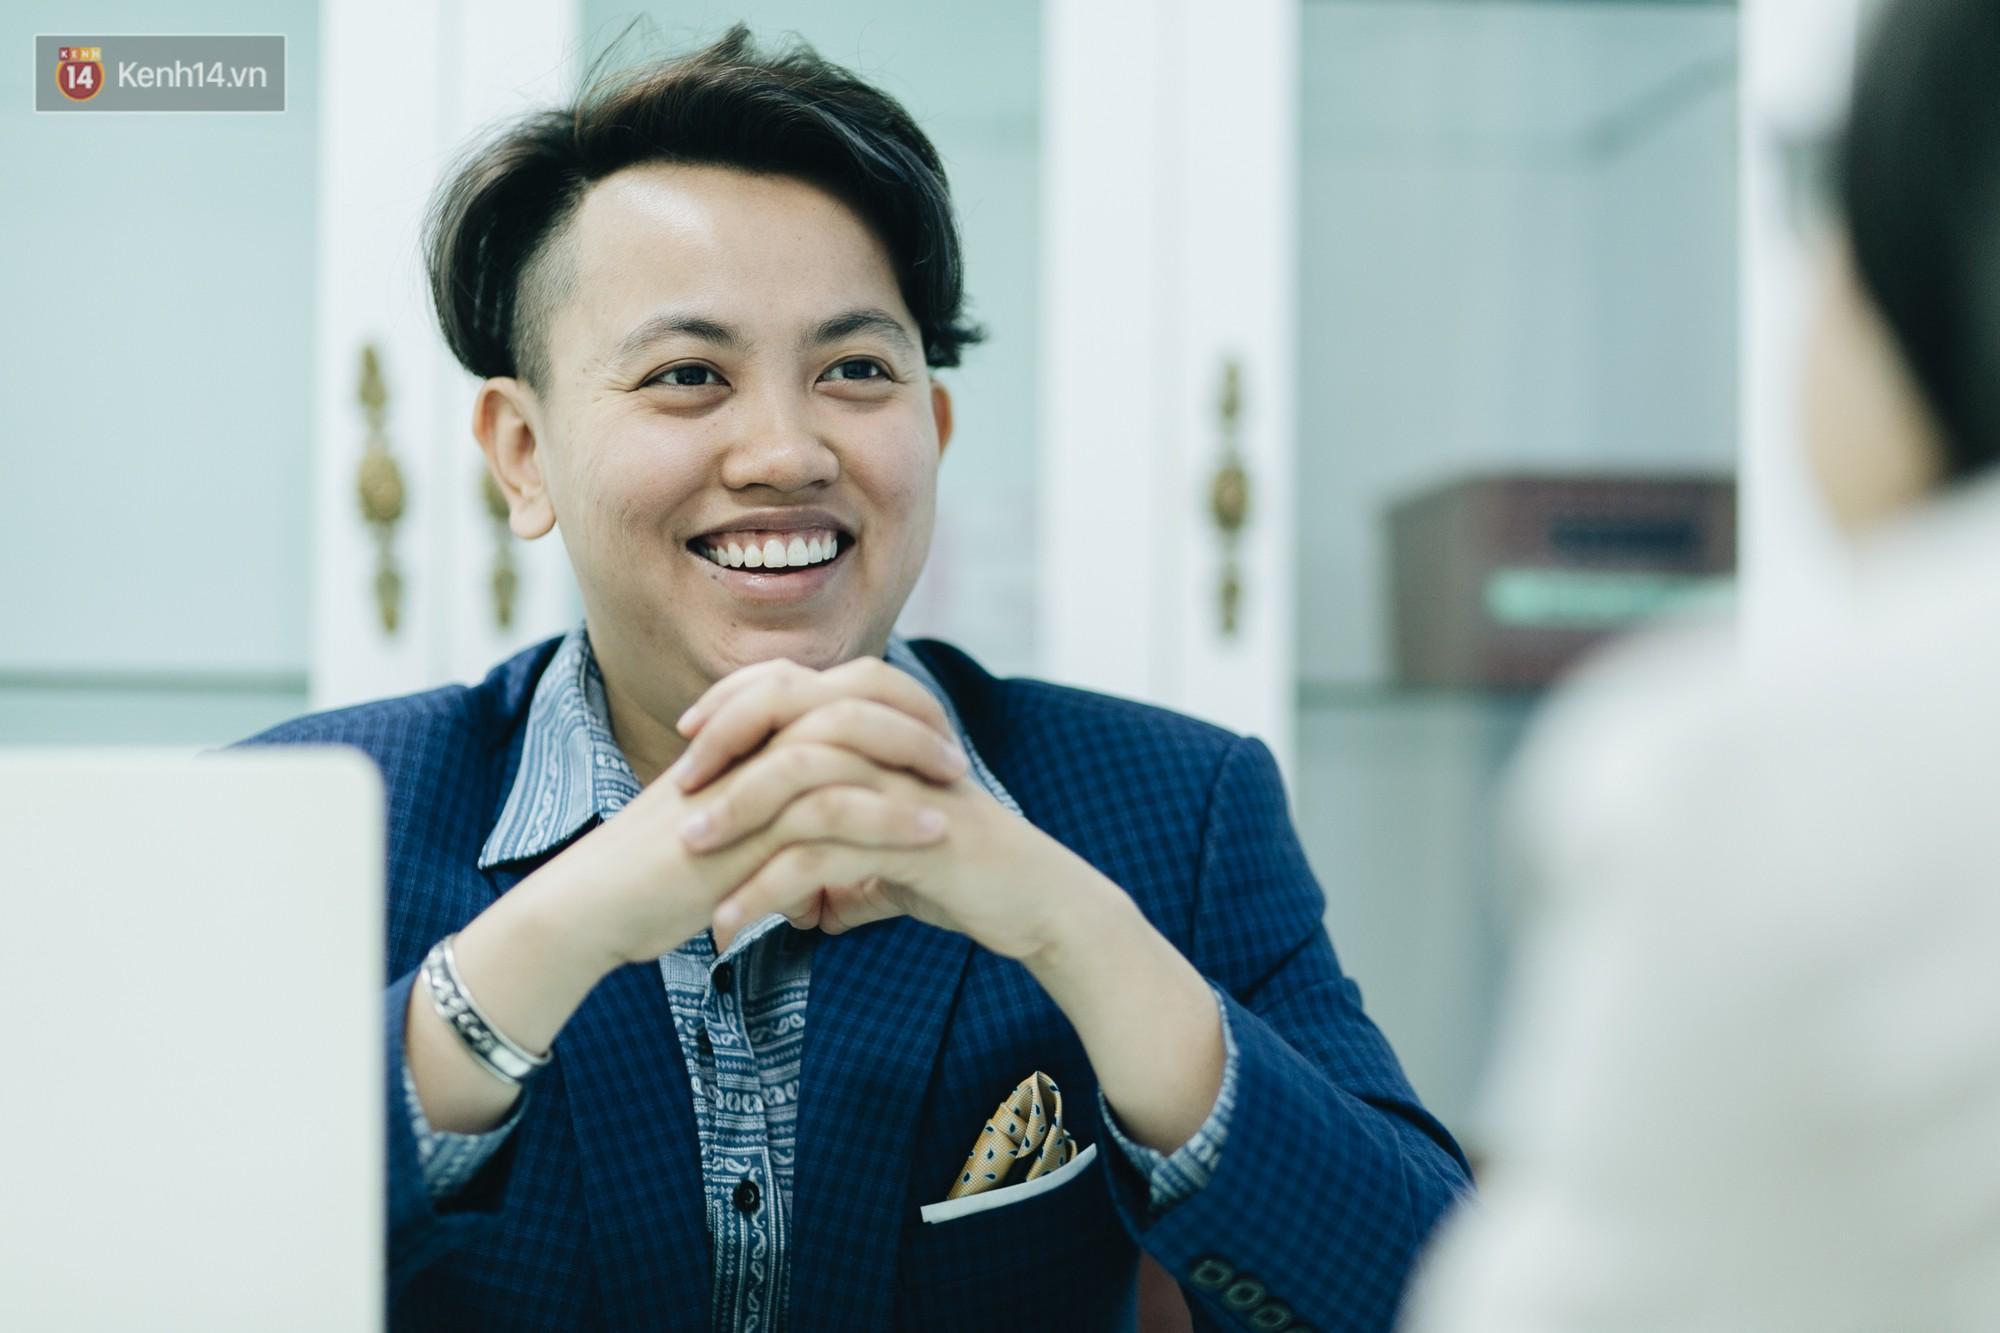 Gặp giám đốc trẻ sáng lập khoa tạo hình LGBT đầu tiên tại Hà Nội: Là người chuyển giới, mình hiểu được nỗi lo của cộng đồng khi đến bệnh viện - Ảnh 4.